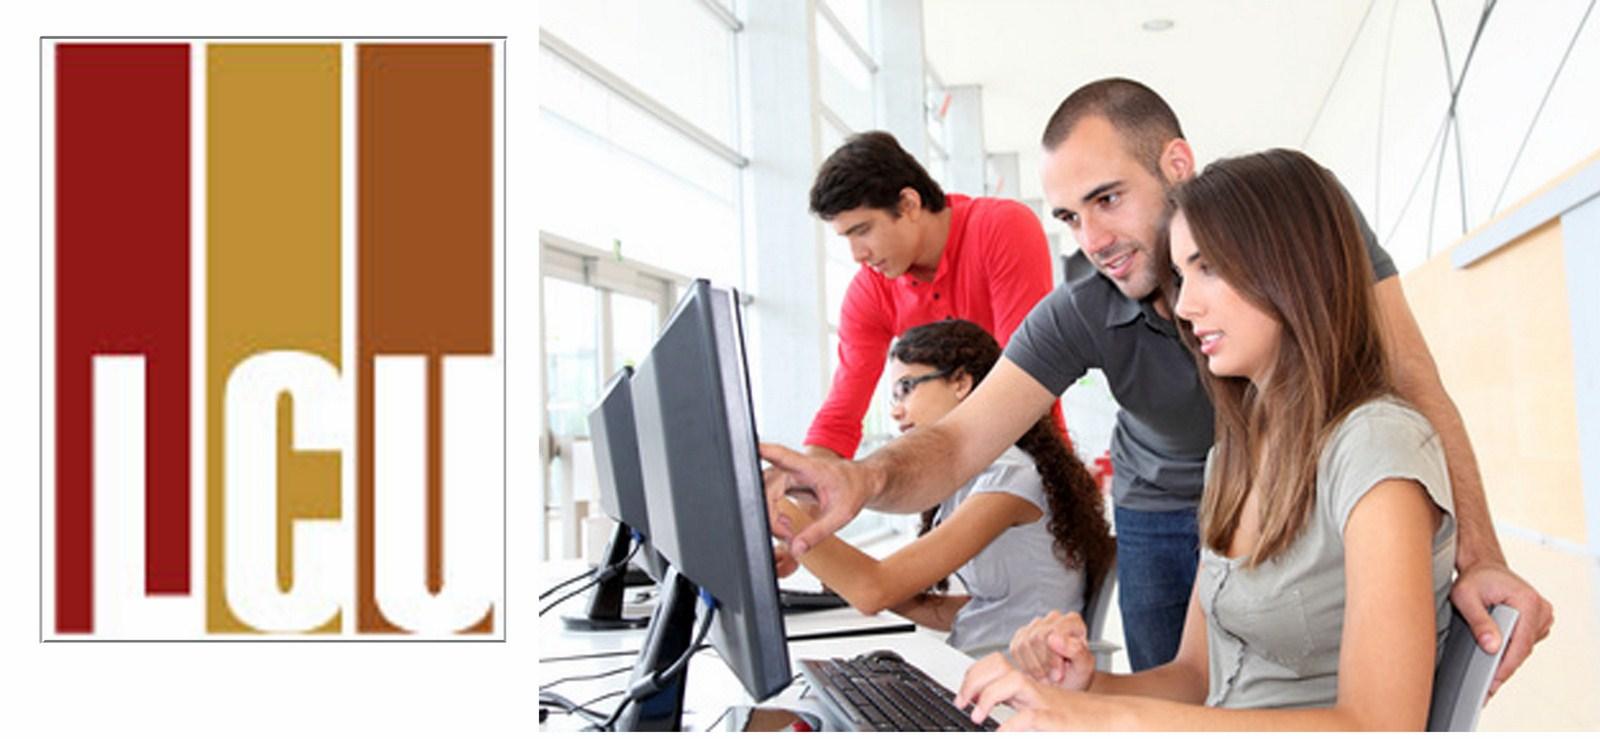 Asesoría de estudios y profesiones/Student information office